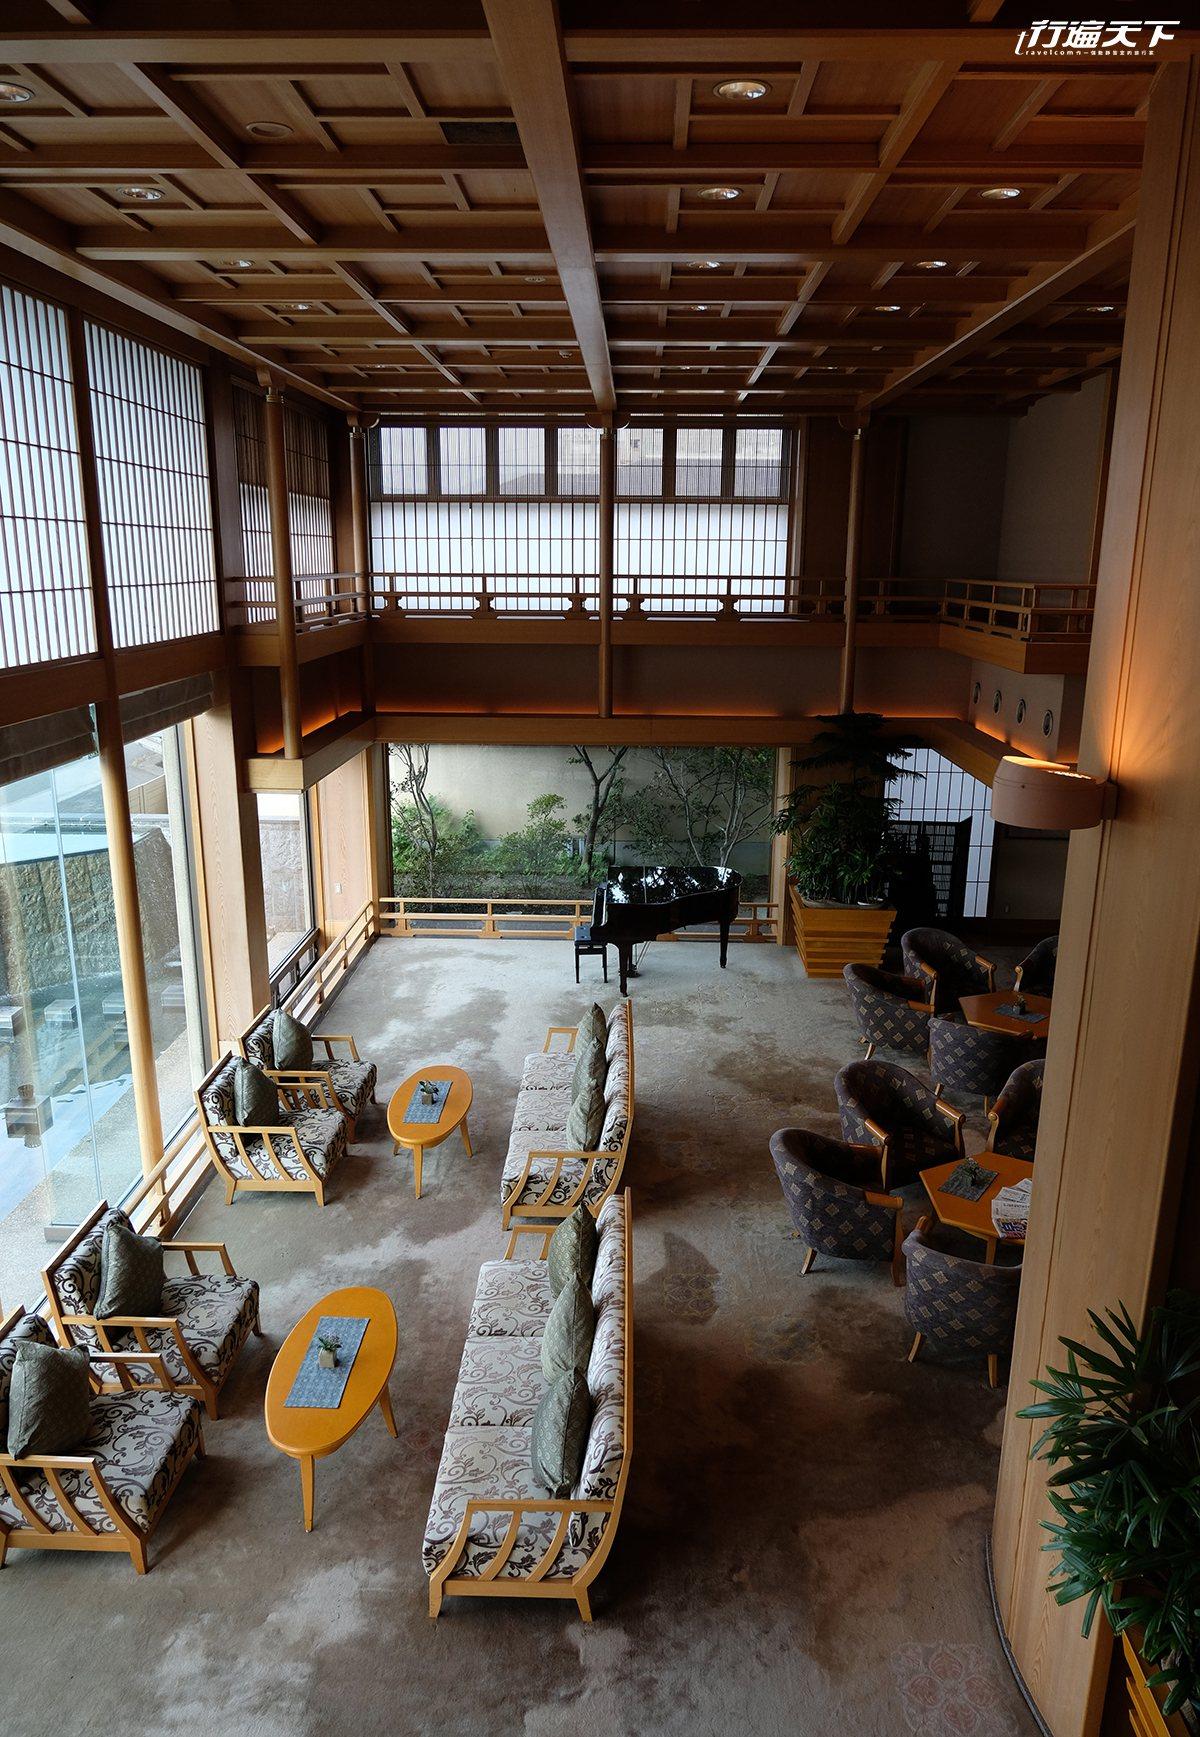 清流山水花あゆ之里為日吉當地歷史悠久的溫泉旅館。